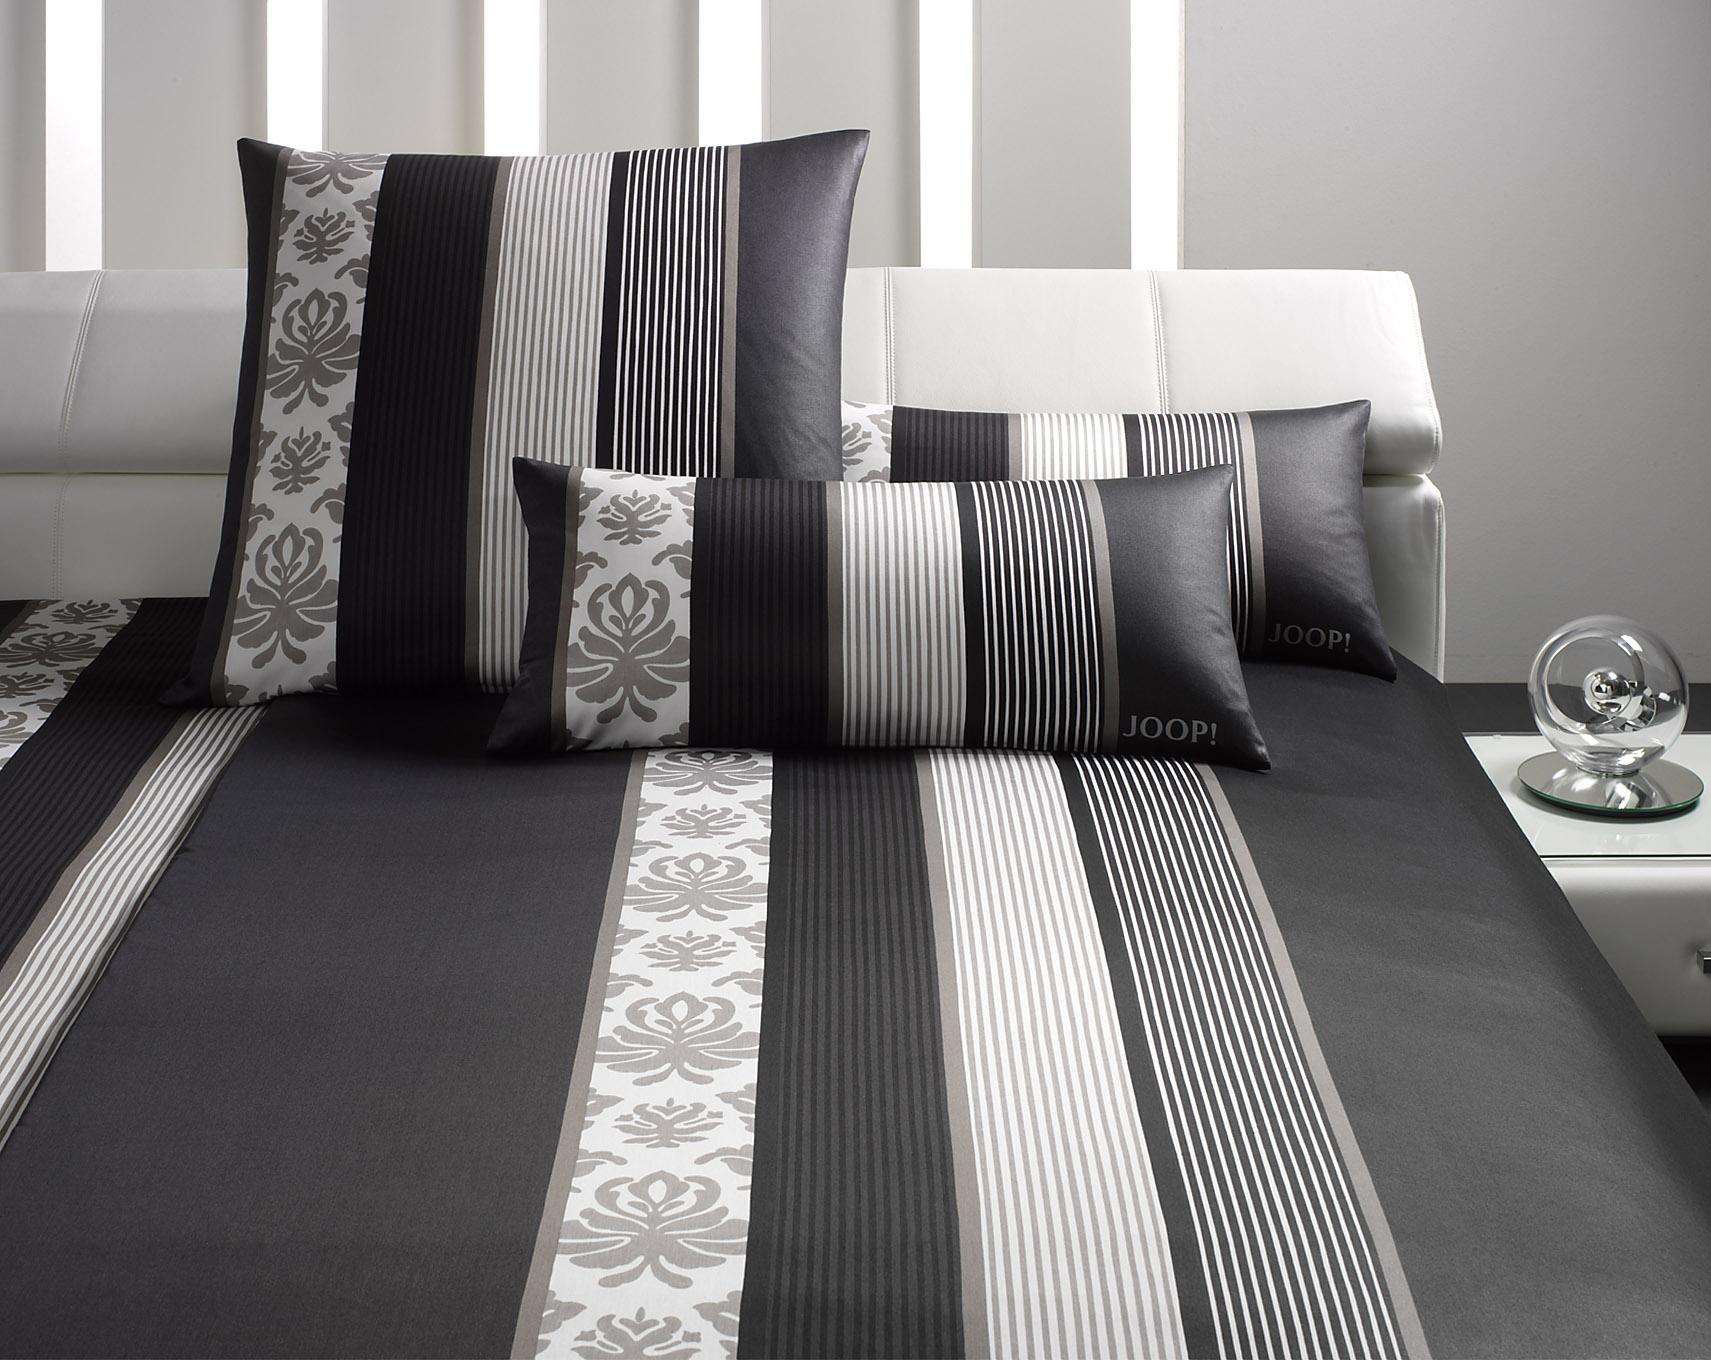 Möbel-Eins JOOP! Bettwäsche Ornament stripe schwarz 4022-9 in 2 Größen